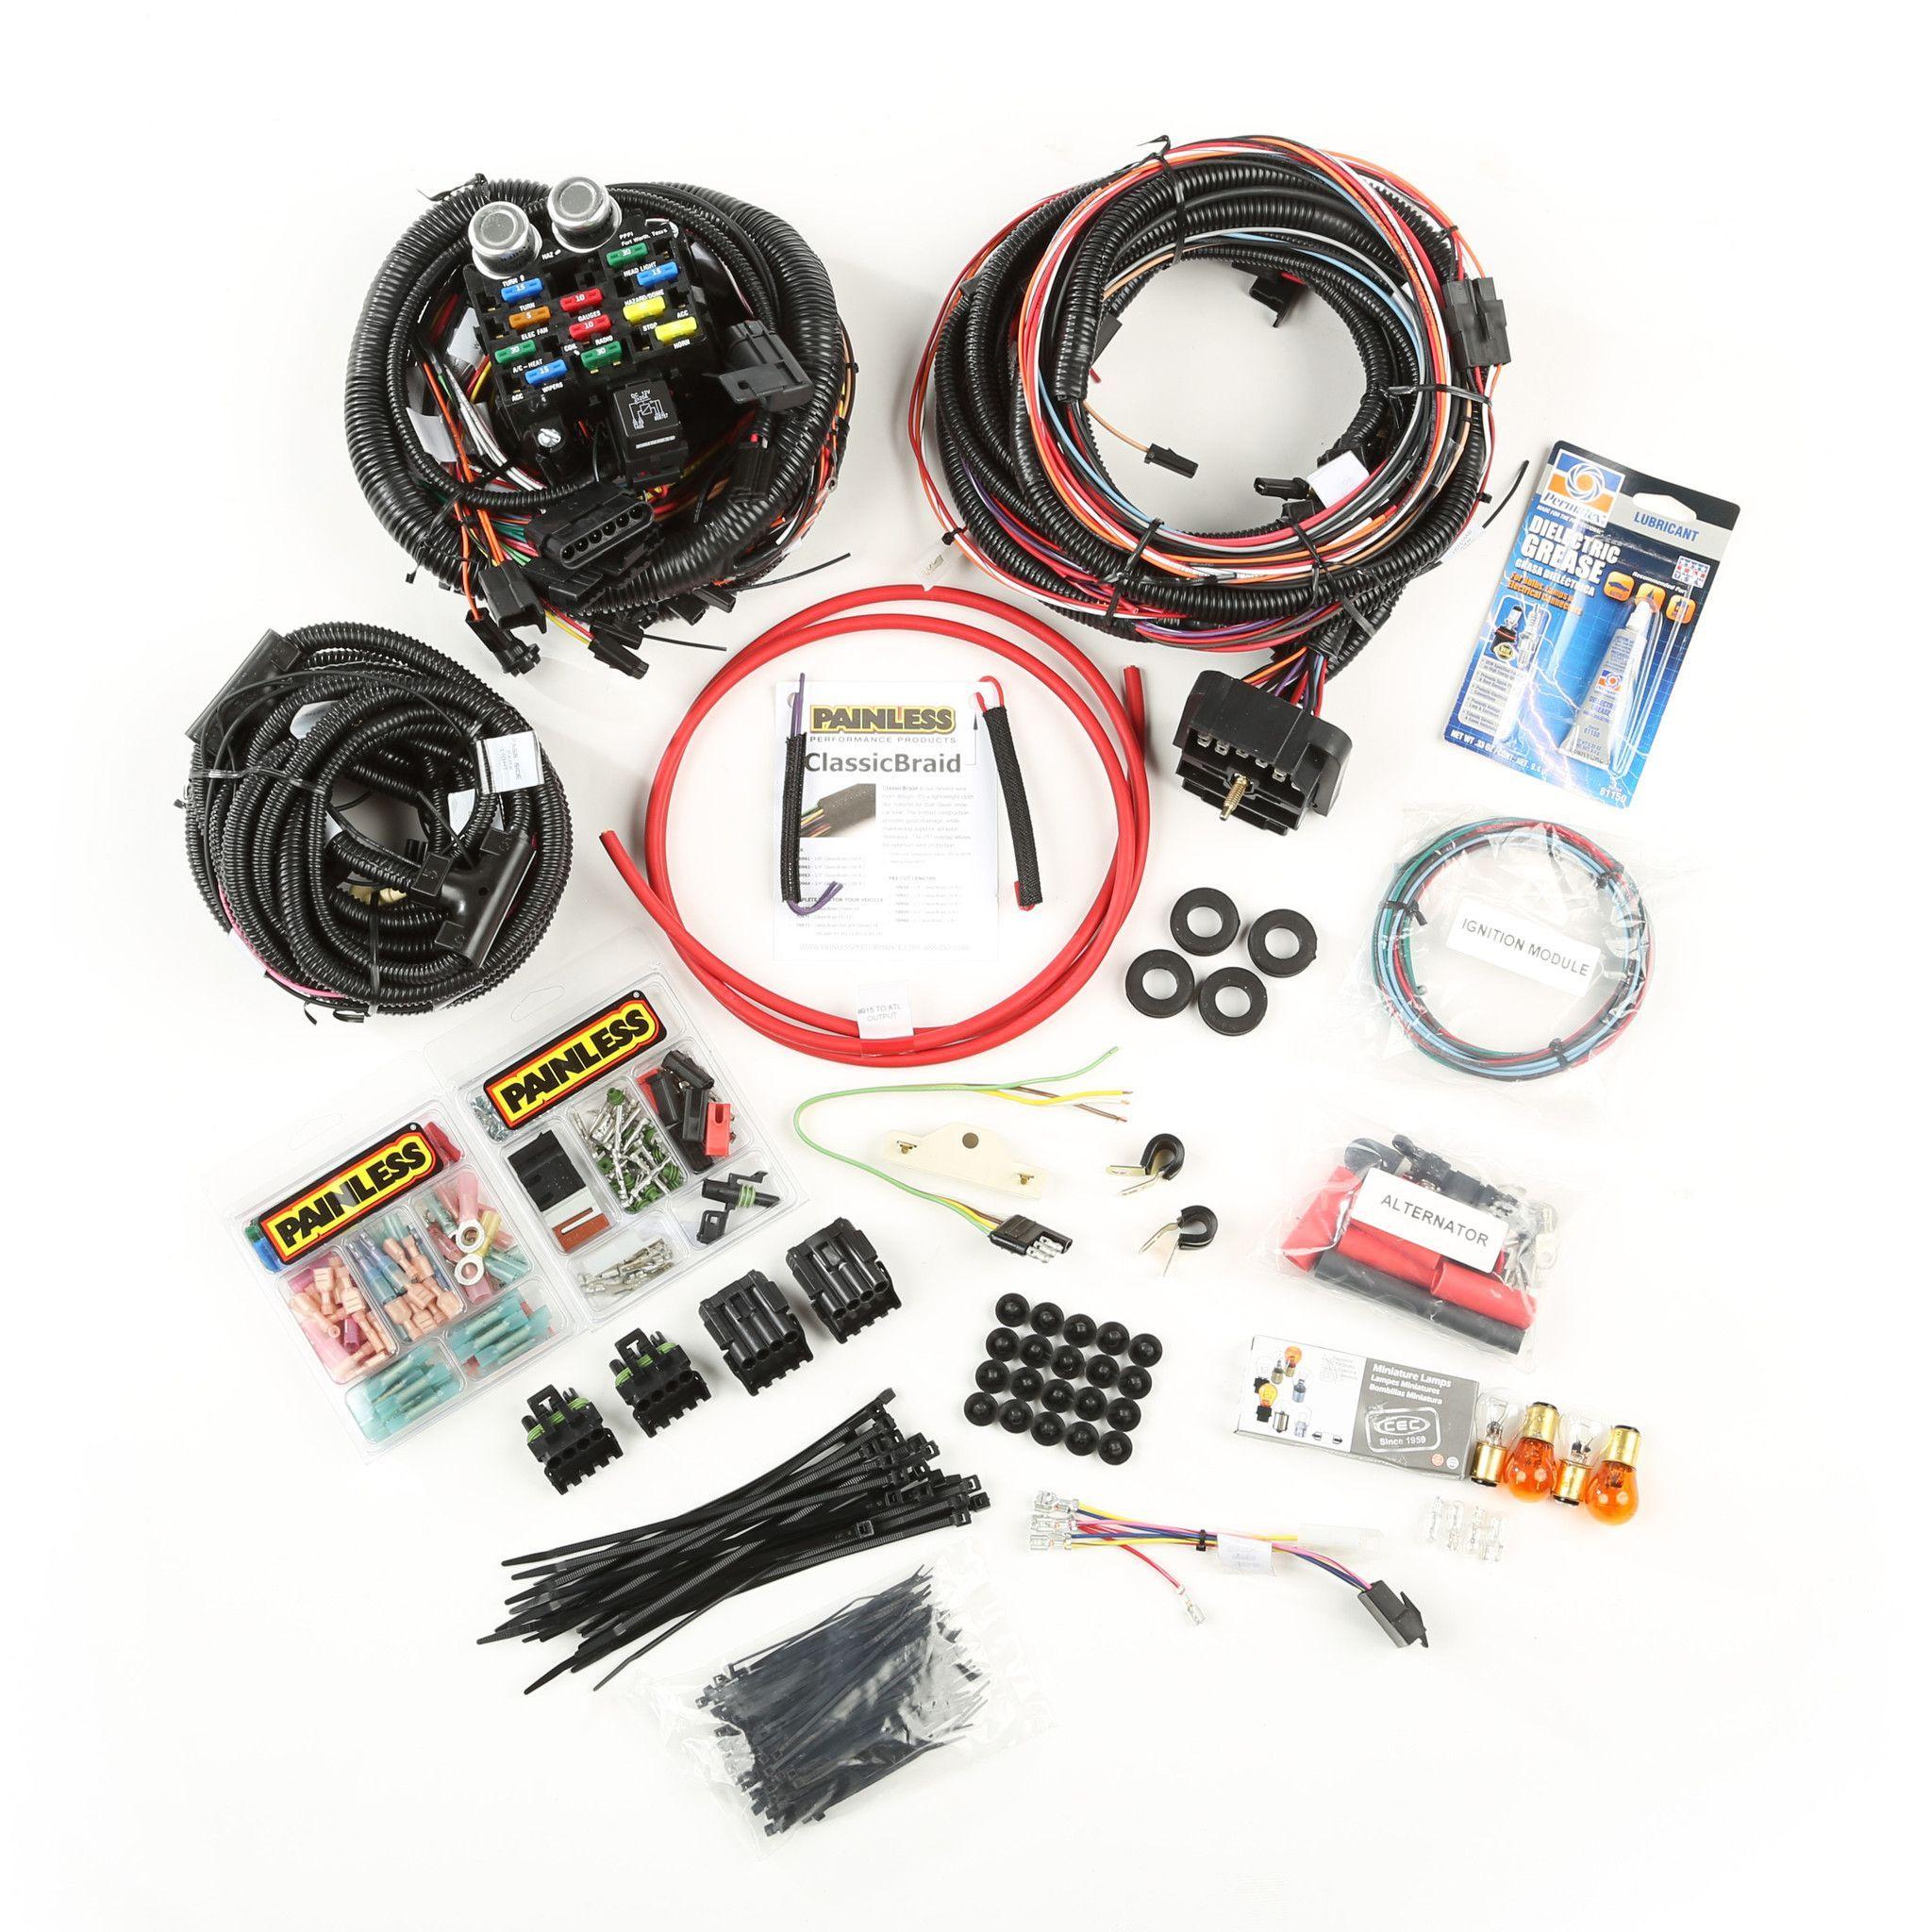 full wiring harness jeep cj7 cj5 cj8 cj6 scrambler willys cj fc amc rh pinterest co uk Jeep XJ Wiring Harness Jeep Wiring Diagram